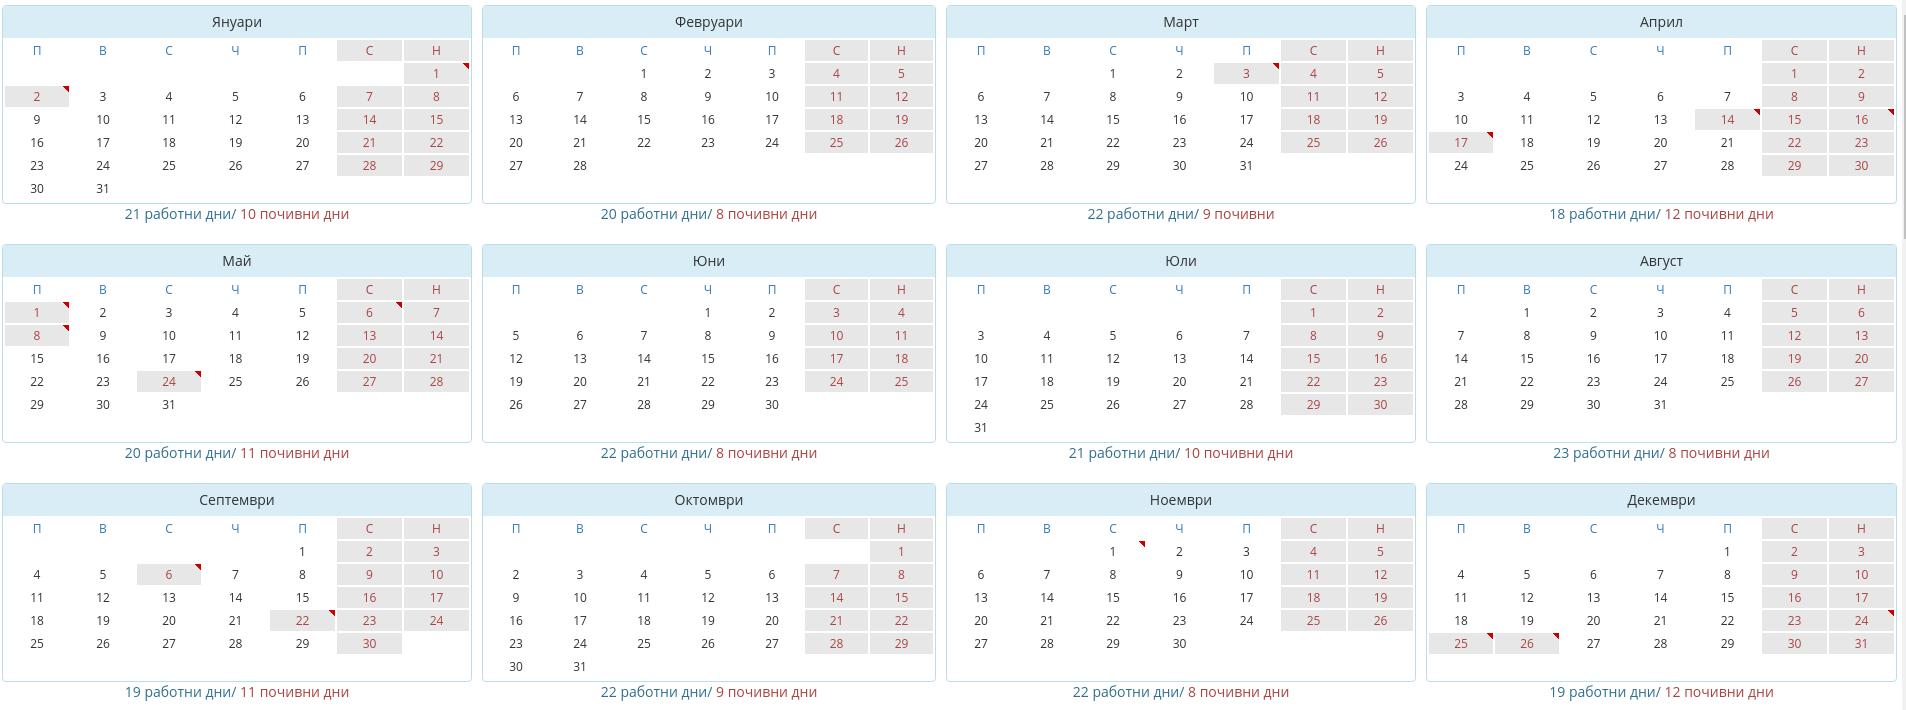 Почивните дни през 2017 и дати за отработване